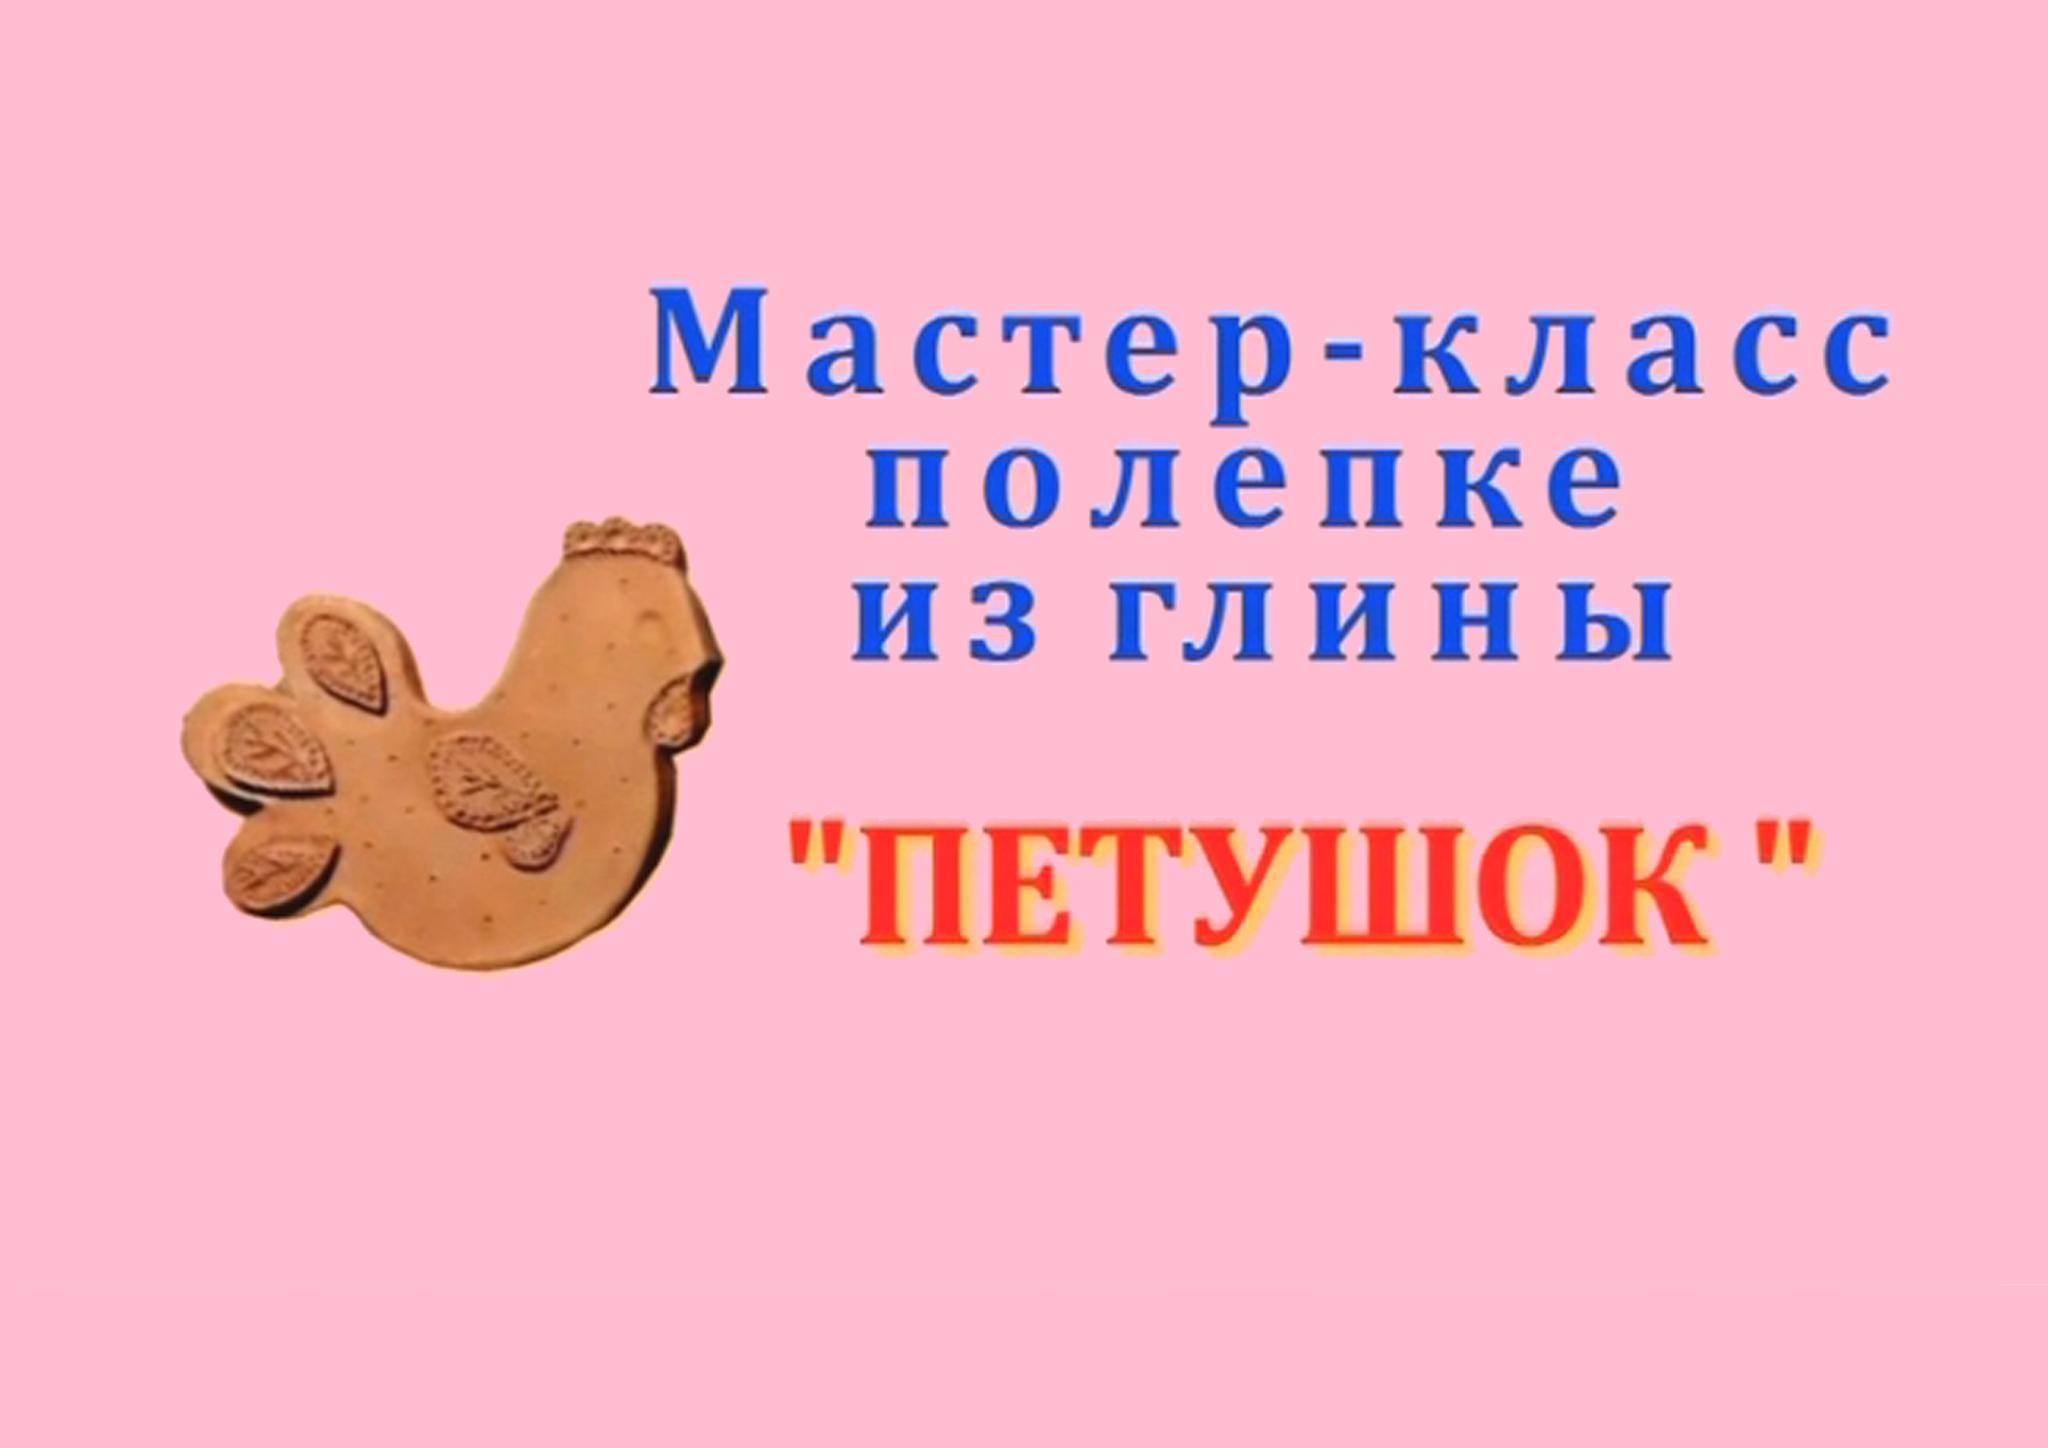 Виртуальный мастер-класс «Петушок на палочке»